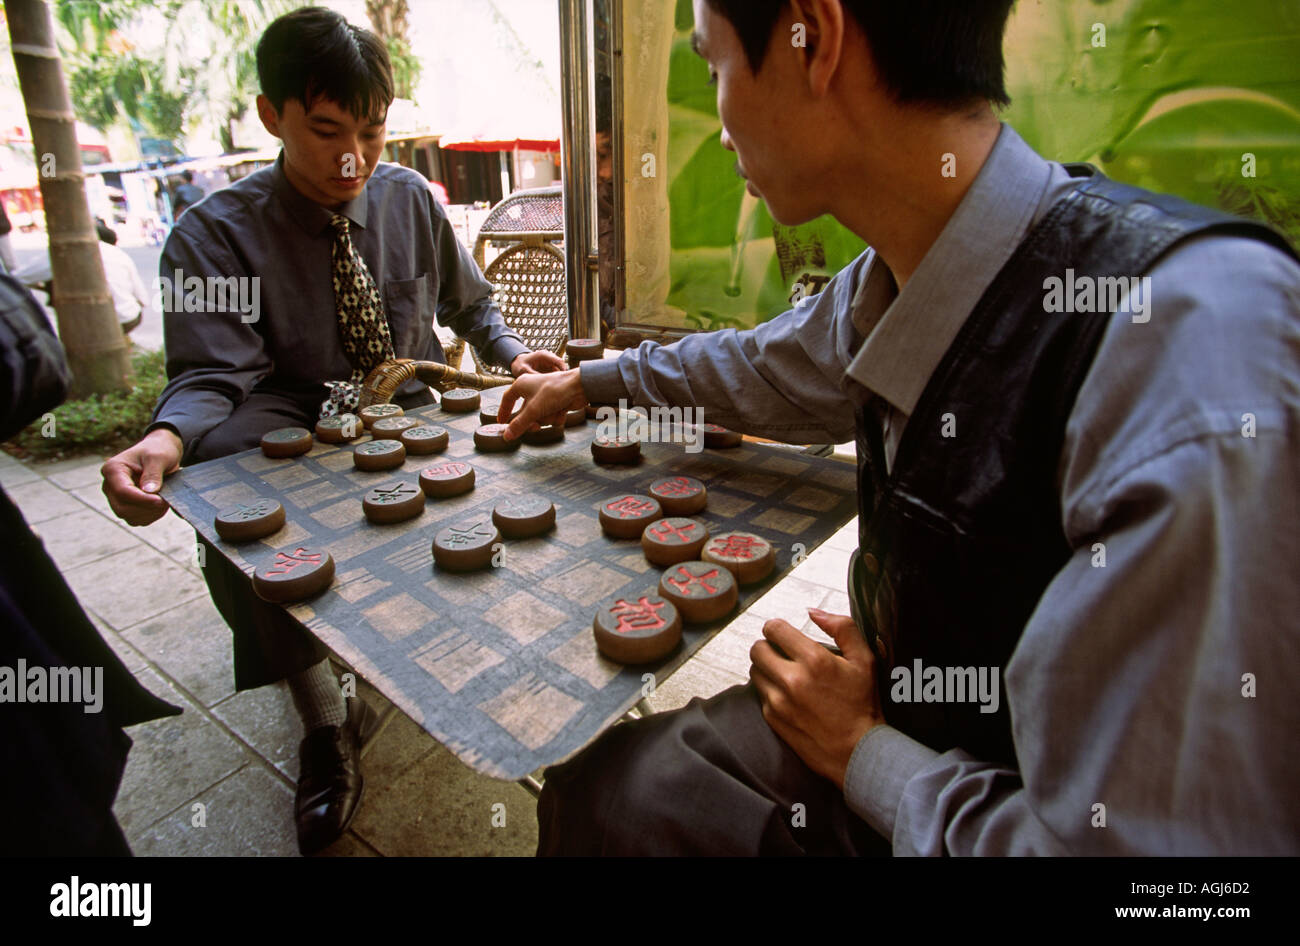 China Yunnan pastimes Jinghong men playing xiangqi Chinese chess - Stock Image